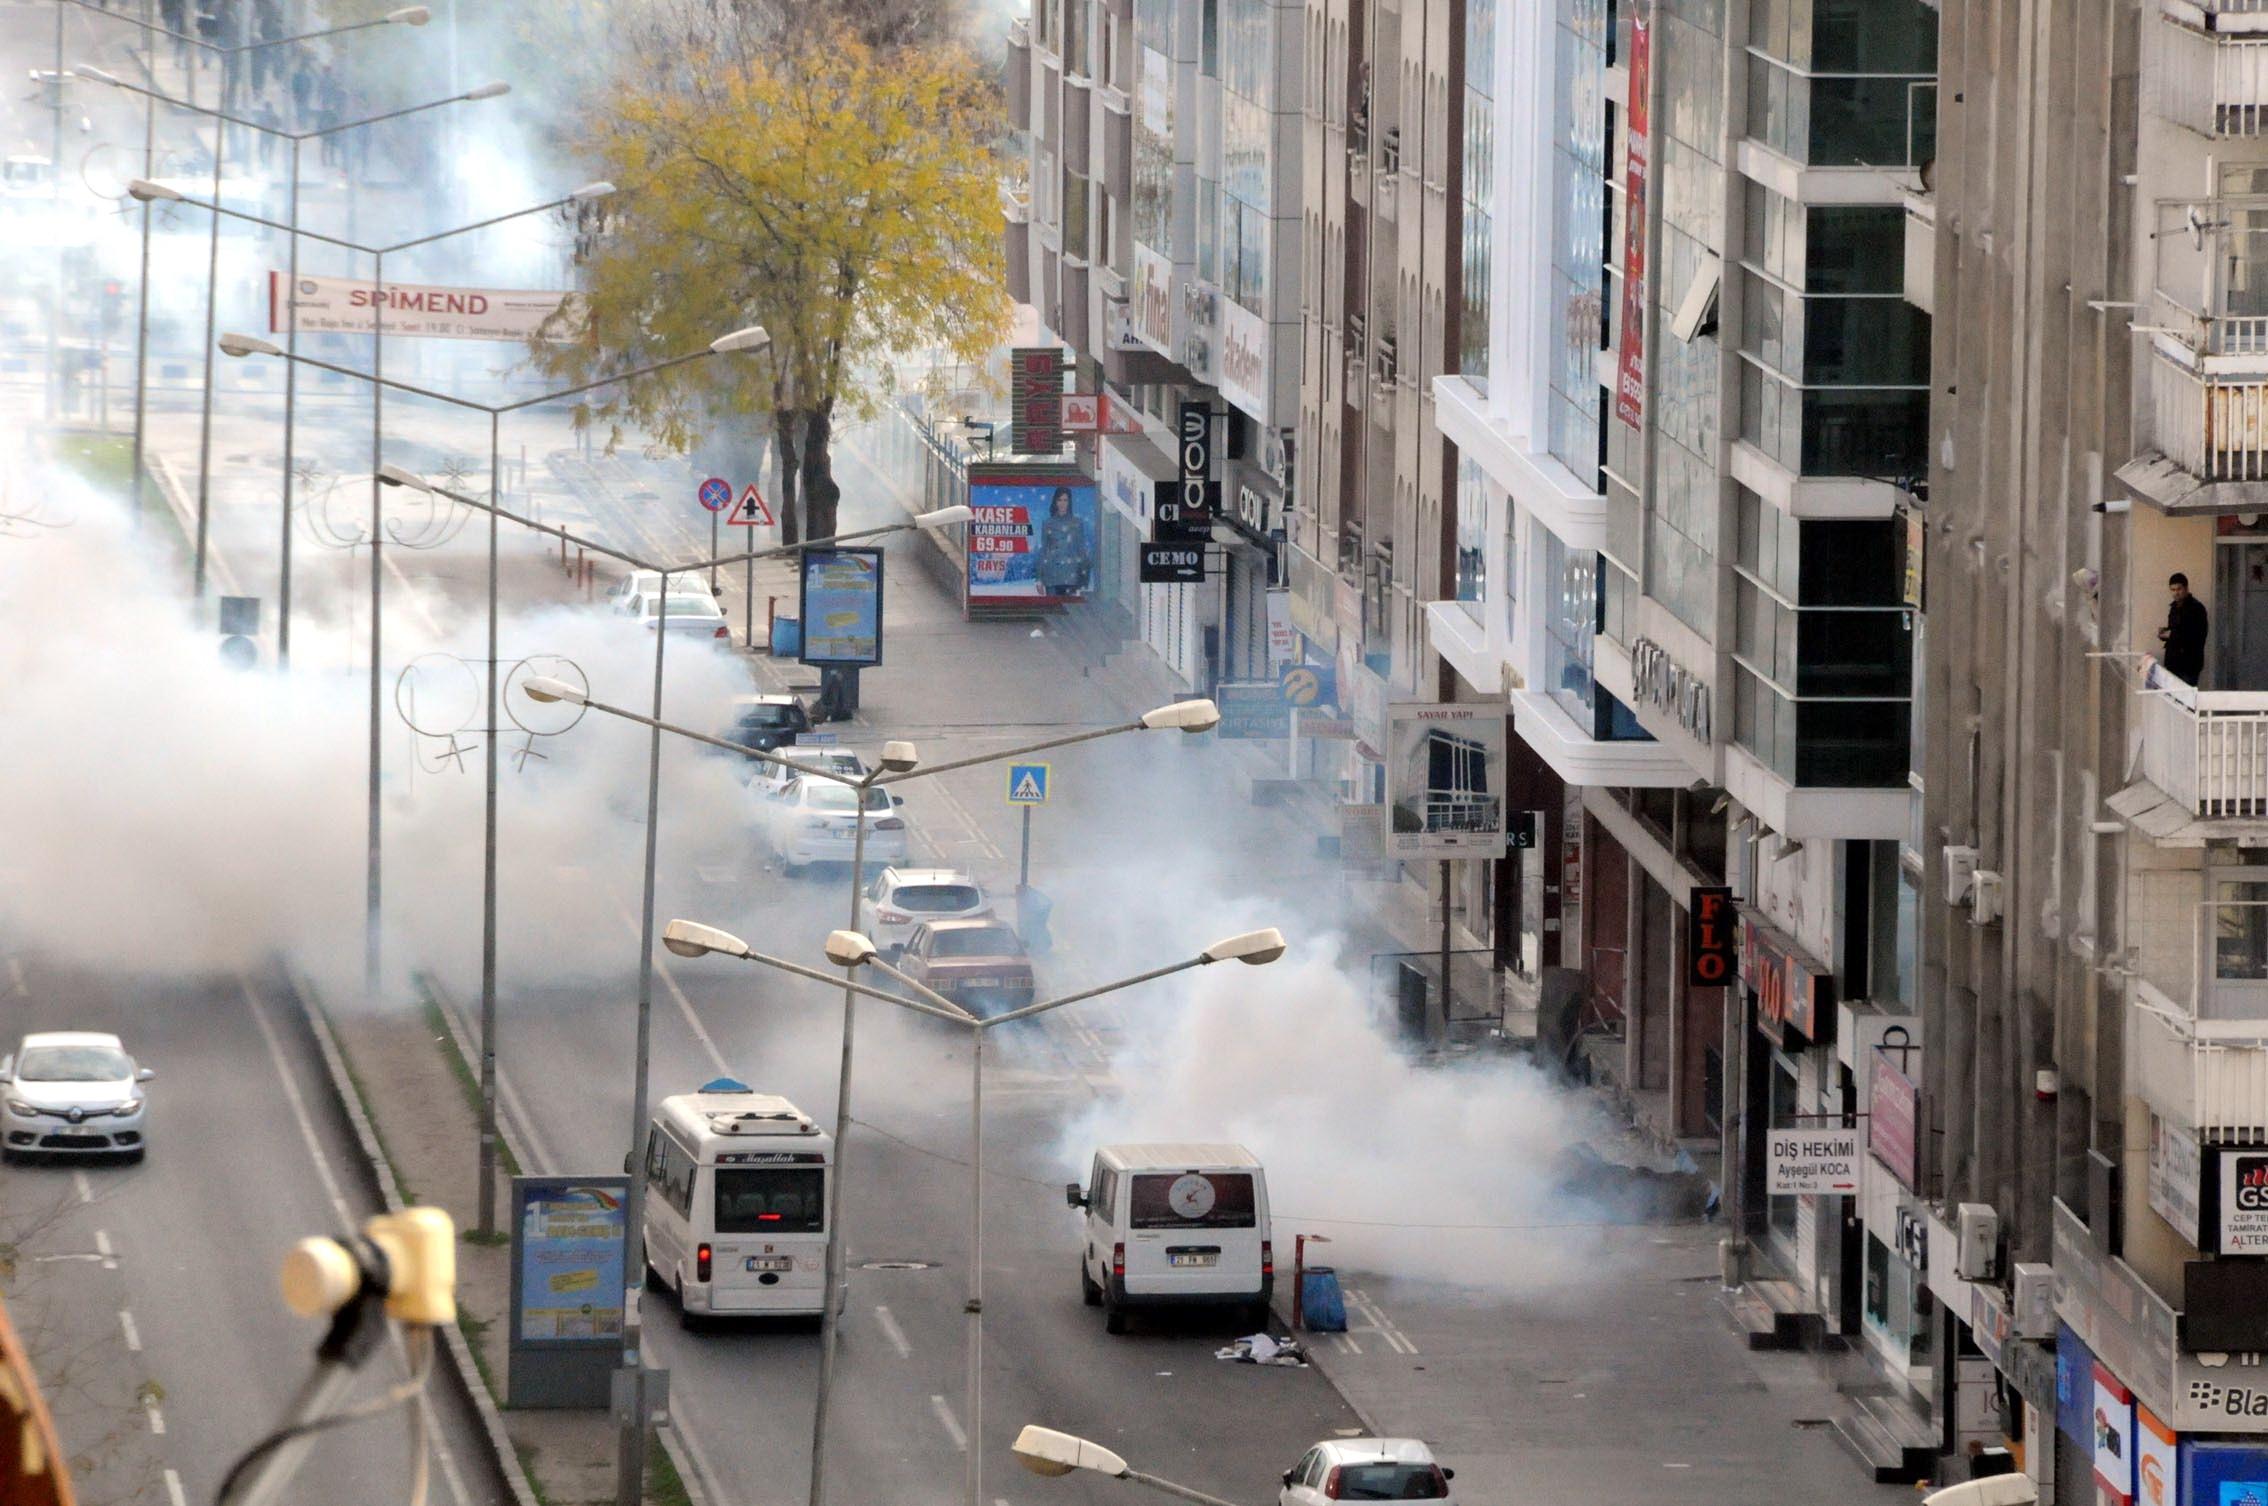 Diyarbakır'da Sur'a yürünmesine izin vermeyen polis kitleye saldırdı